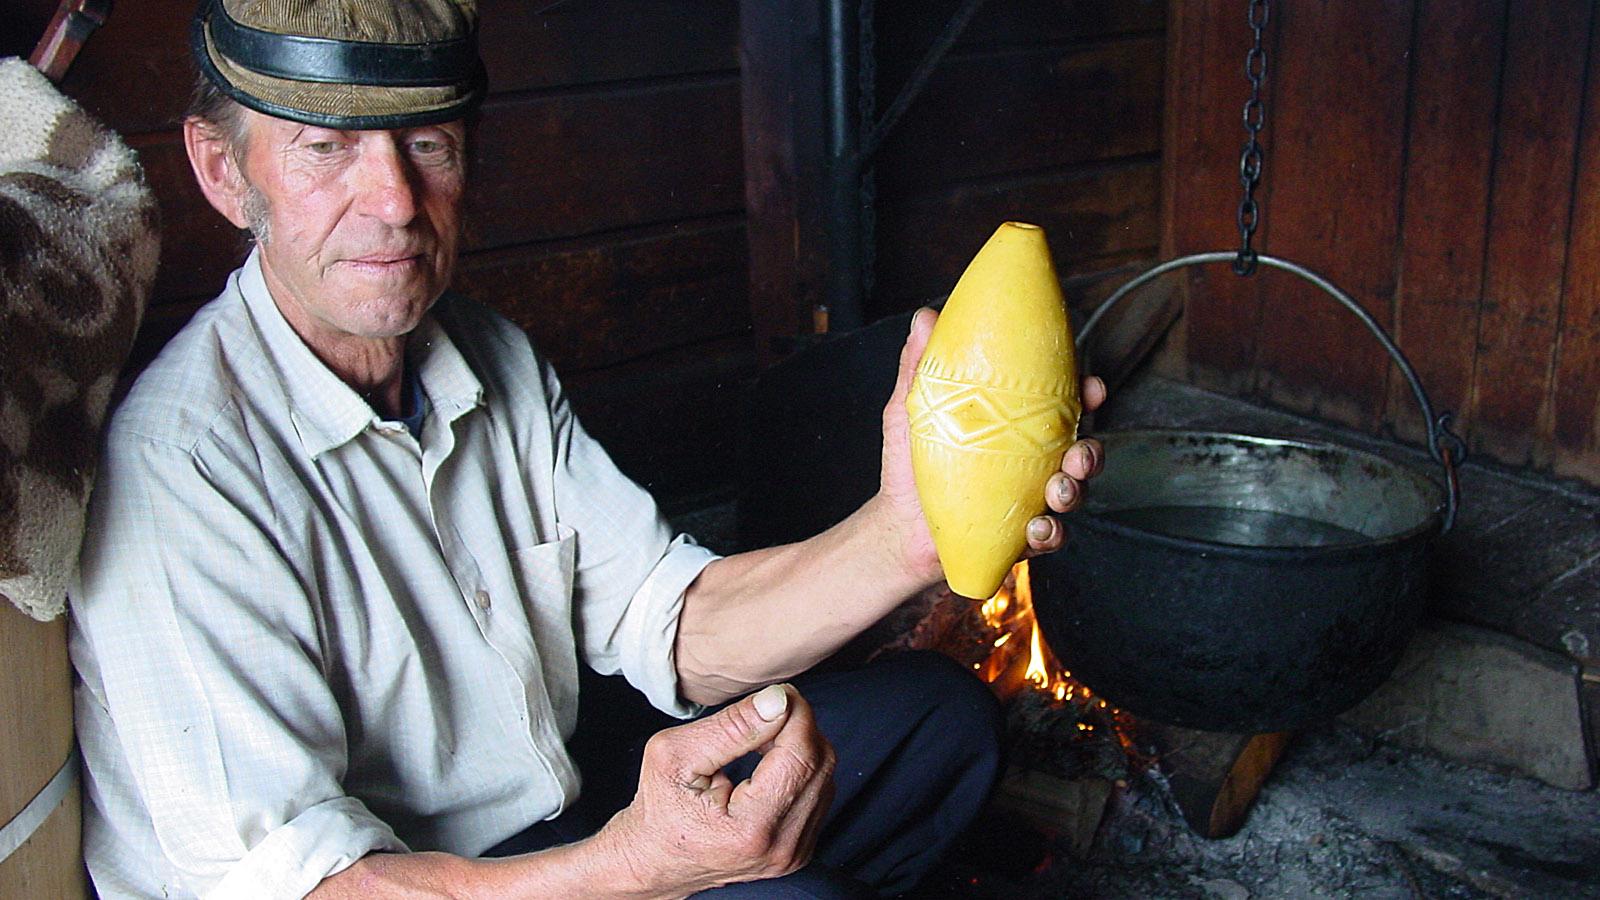 """Hohe Tatra, Jan Urbas bei der Käsefertigung. In der Hand: der geräucherte Hartkäse aus Schafsmilch """"Oscypek"""" - eine regionale Spezialität. Foto: Hilke Maunder"""